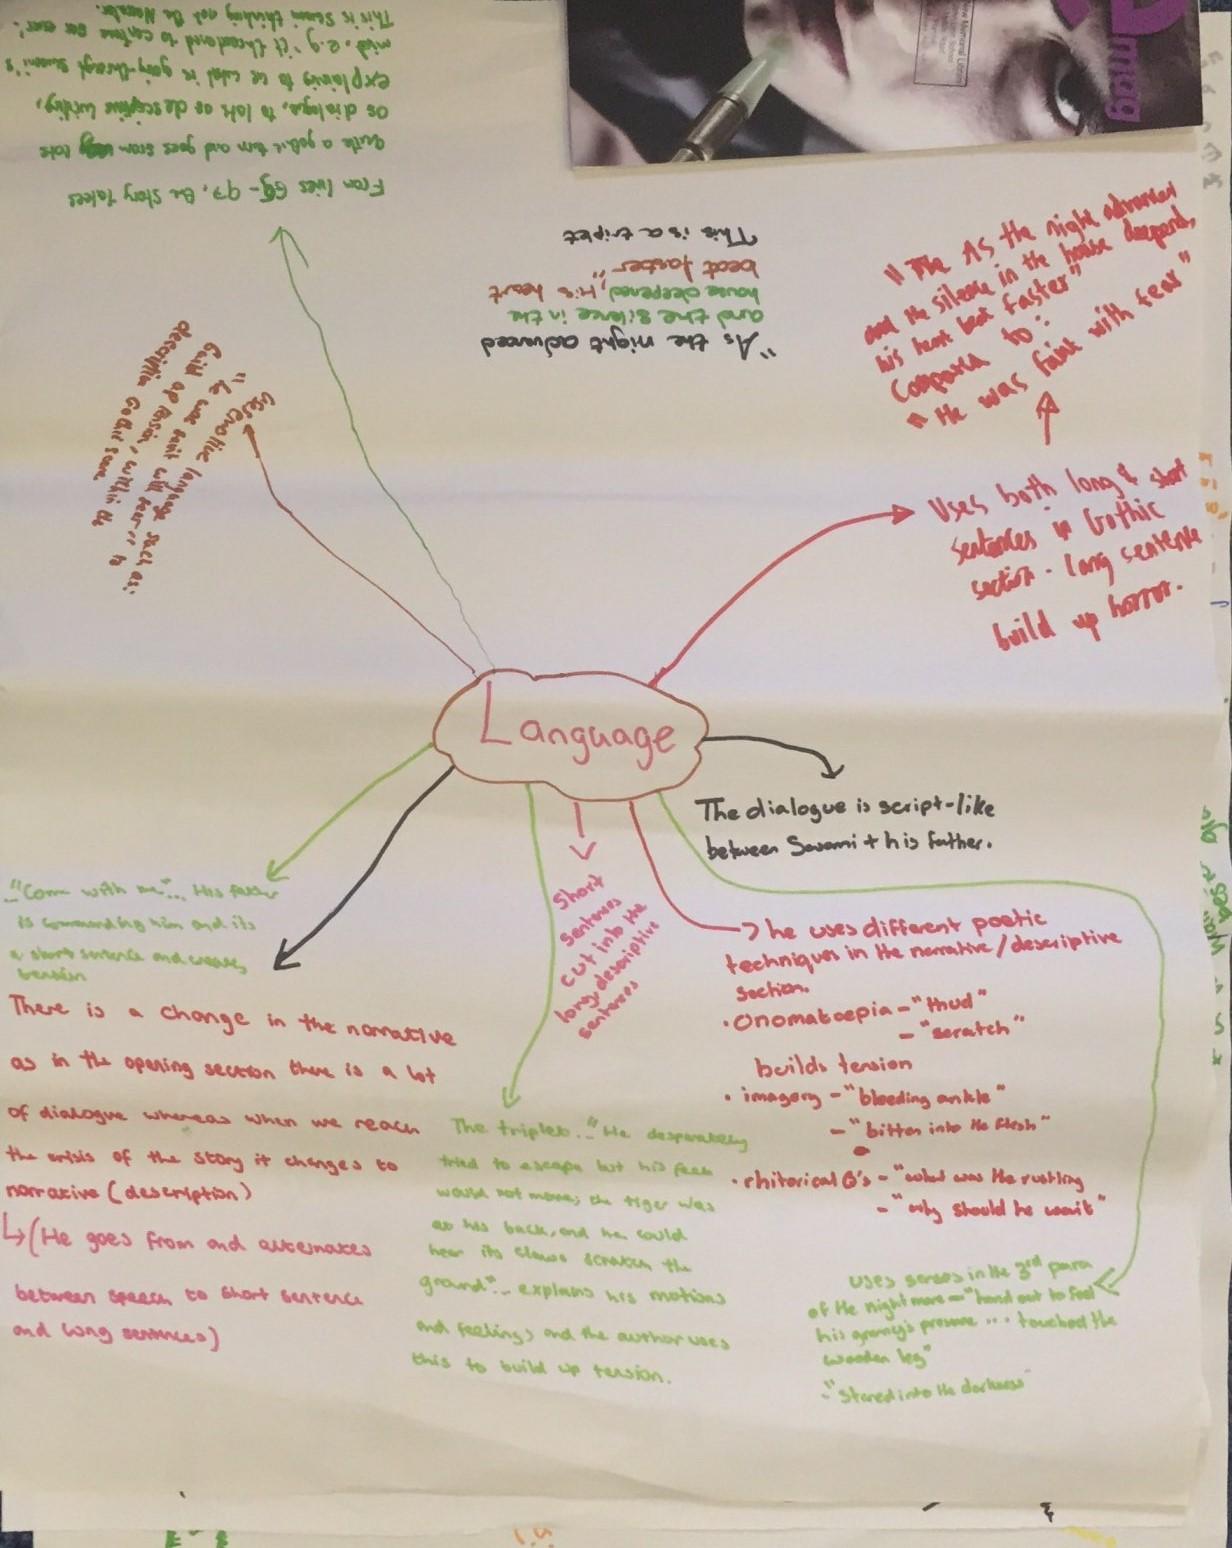 edexcel igcse english literature sample assessment materials